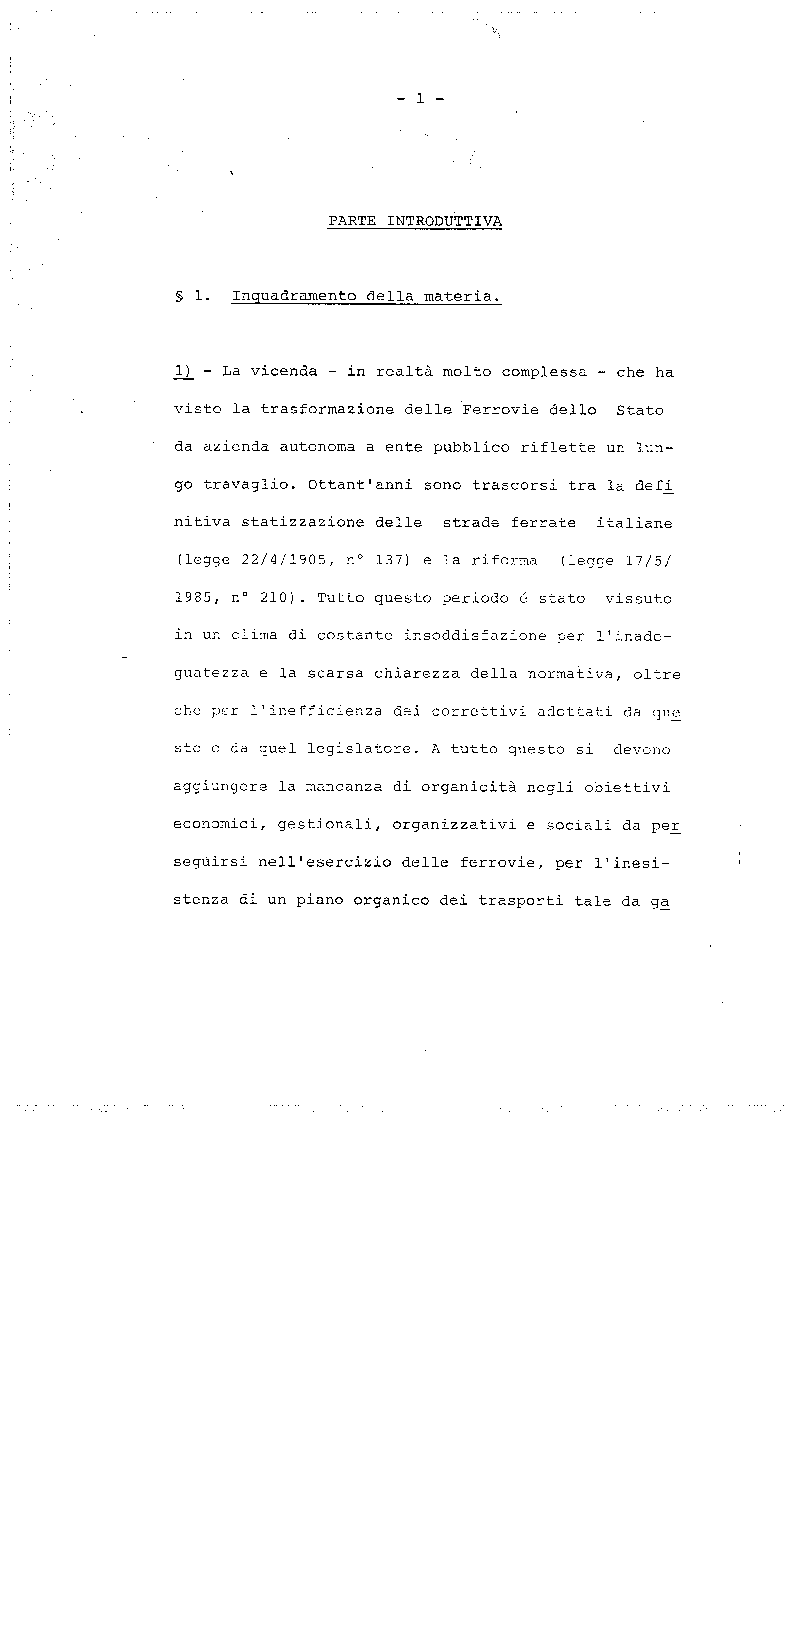 Anteprima della tesi: La trasformazione delle Ferrovie dello Stato - Legge 210/85, Pagina 1